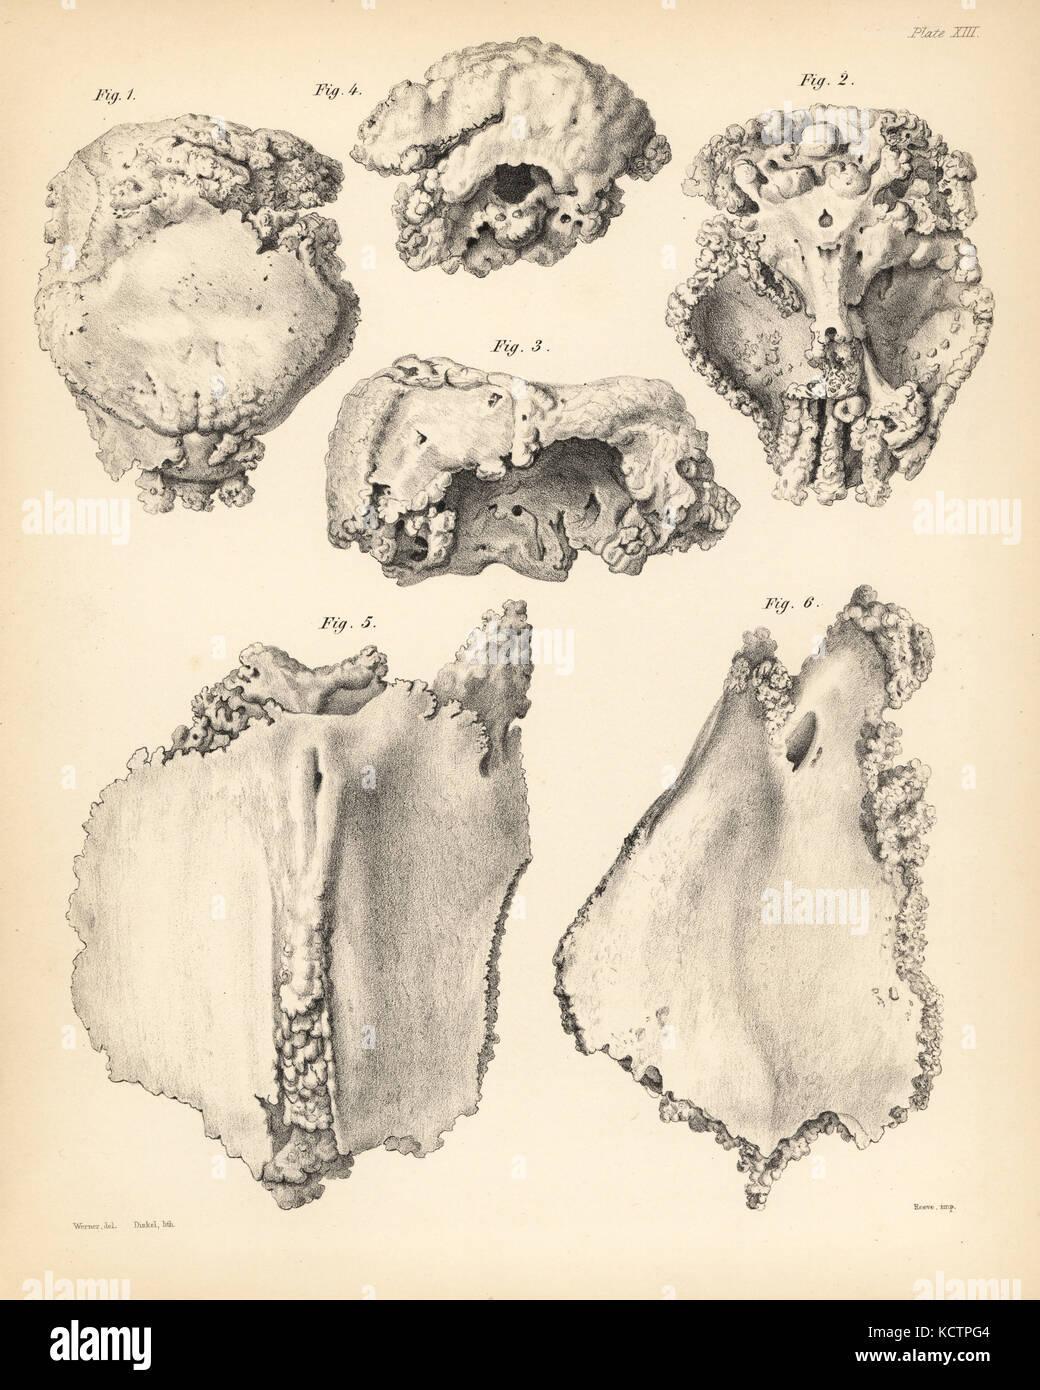 Ausgezeichnet Brustbeins Bild Ideen - Menschliche Anatomie Bilder ...